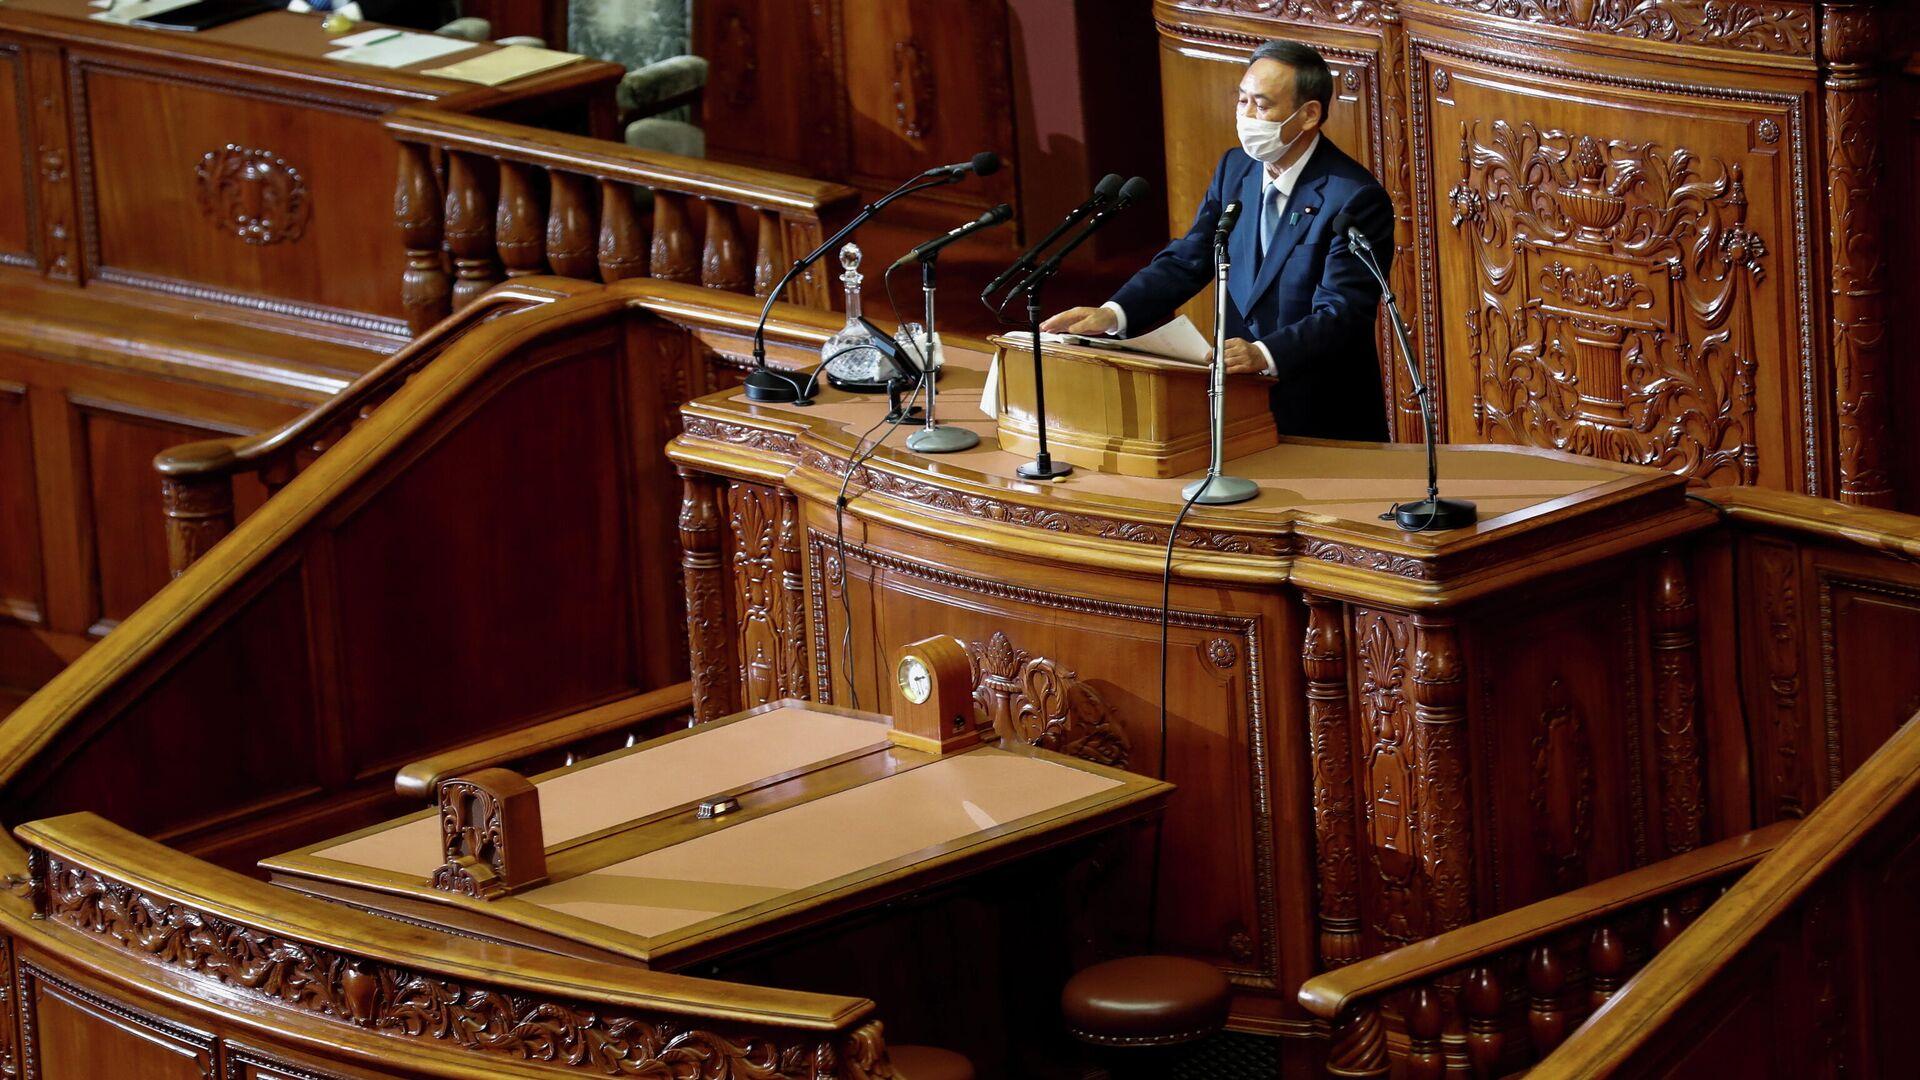 Премьер-министр Японии Есихидэ Суга произносит свою первую речь в парламенте на открытии внеочередной сессии в Токио, Япония - РИА Новости, 1920, 26.10.2020